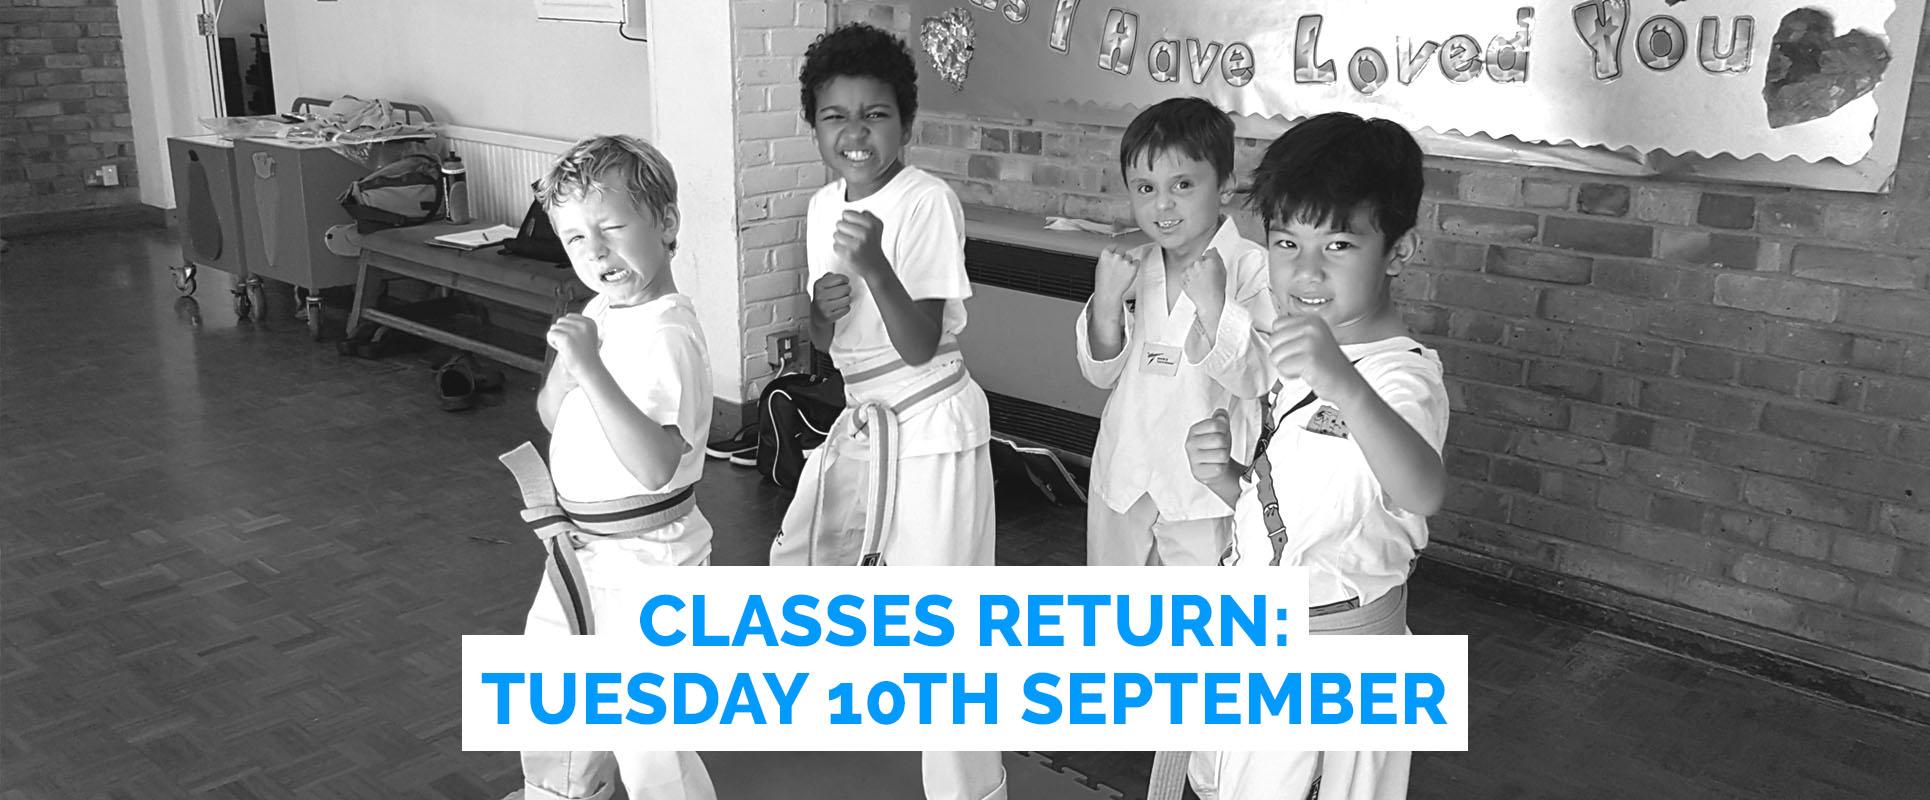 Classes Return Tuesday 10th September